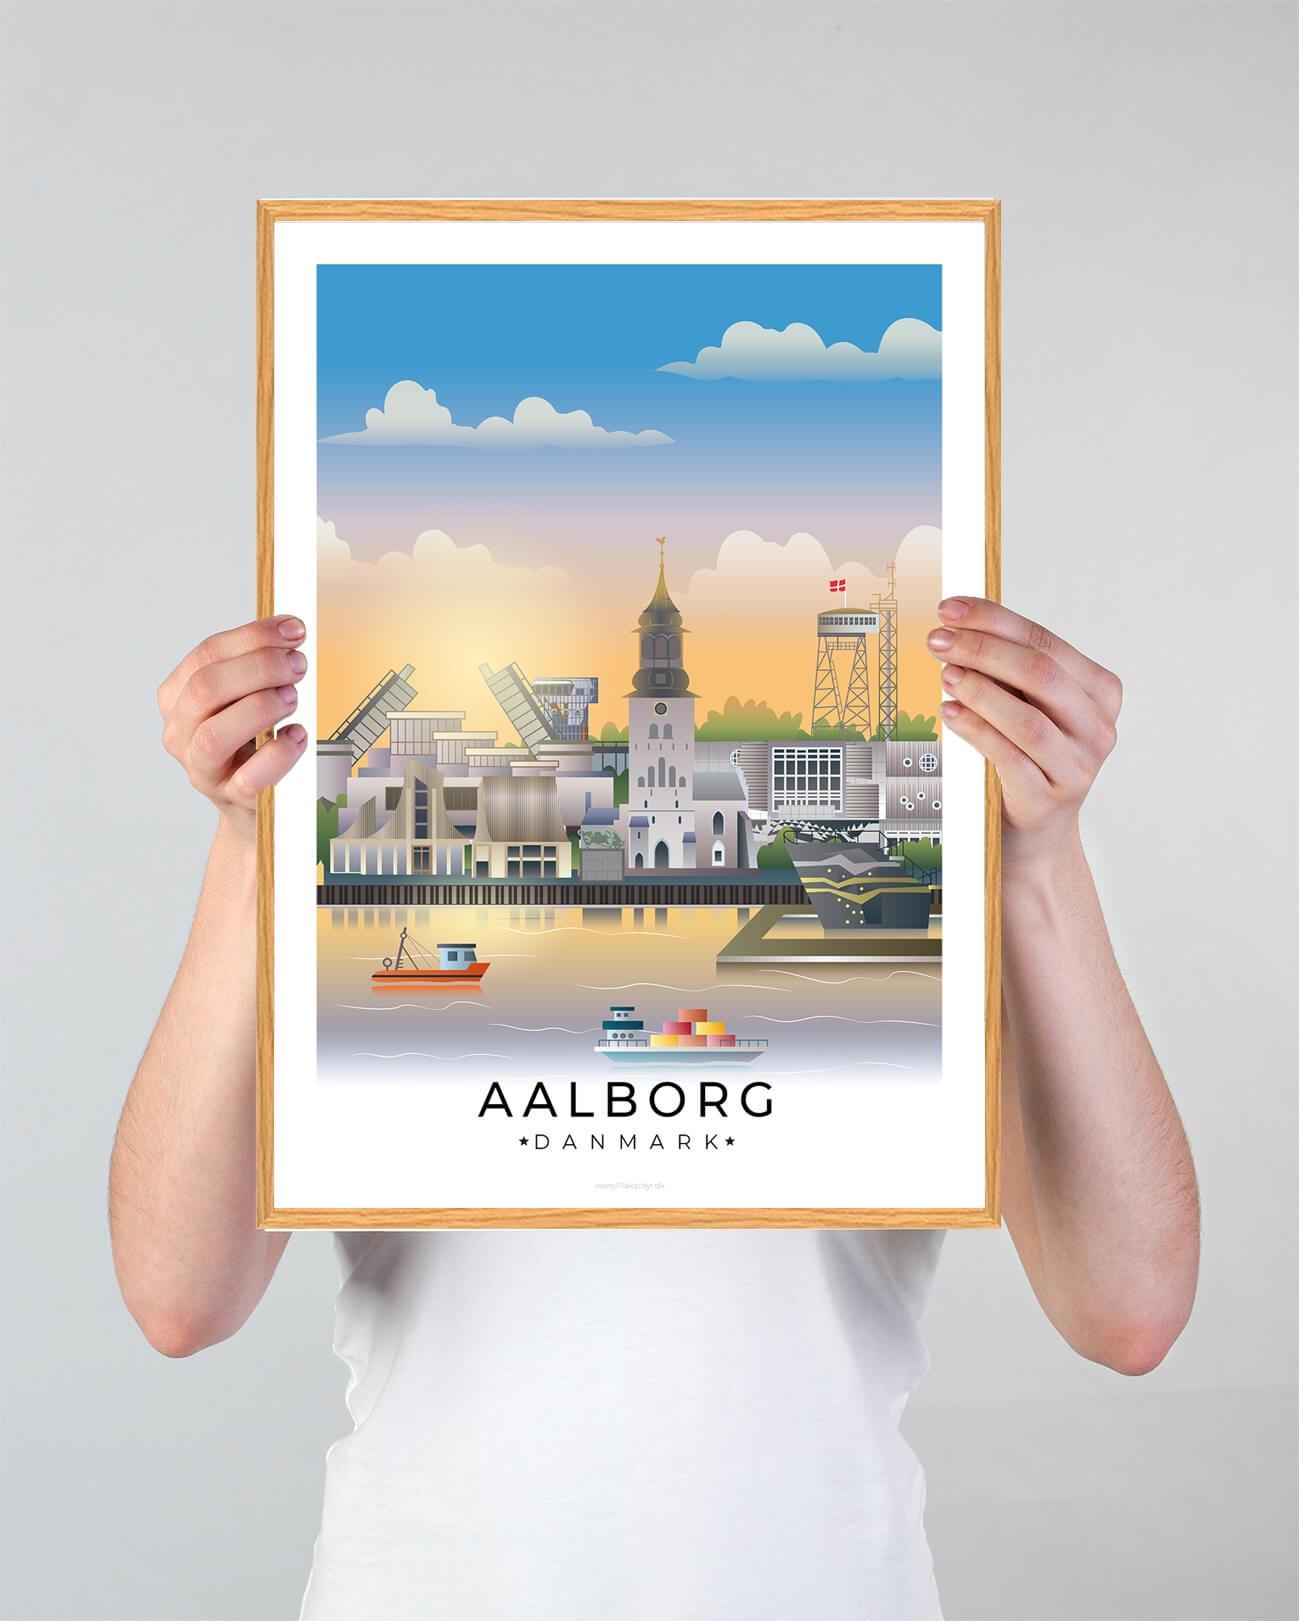 Aalborg-byplakat-boligen-3